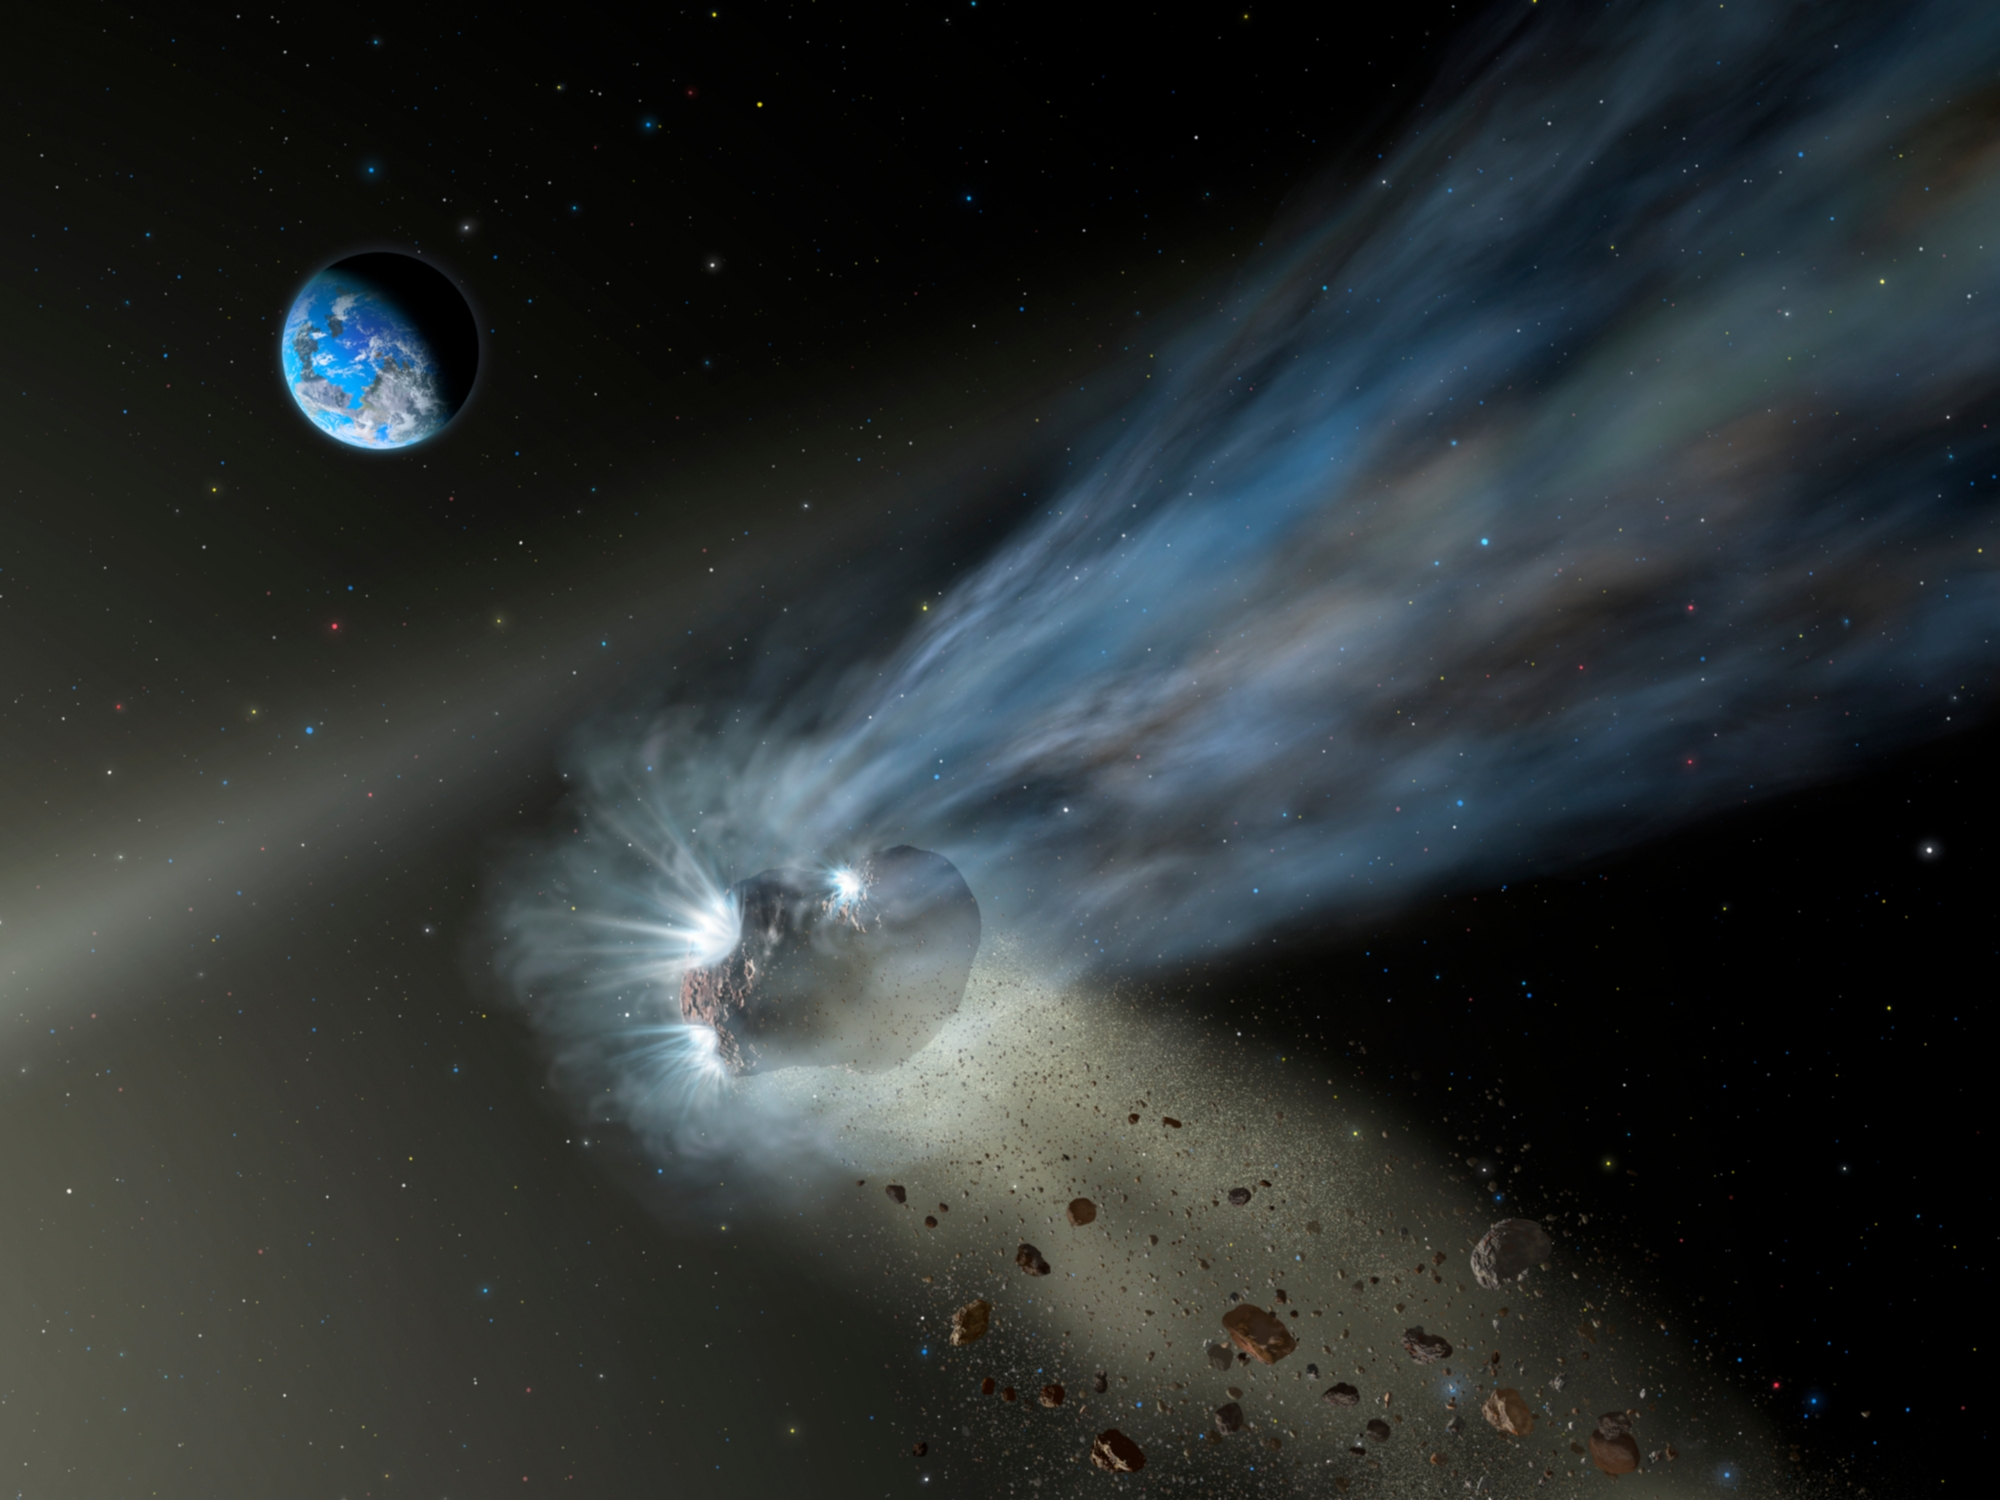 Künstlerische Darstellung eines Kometen